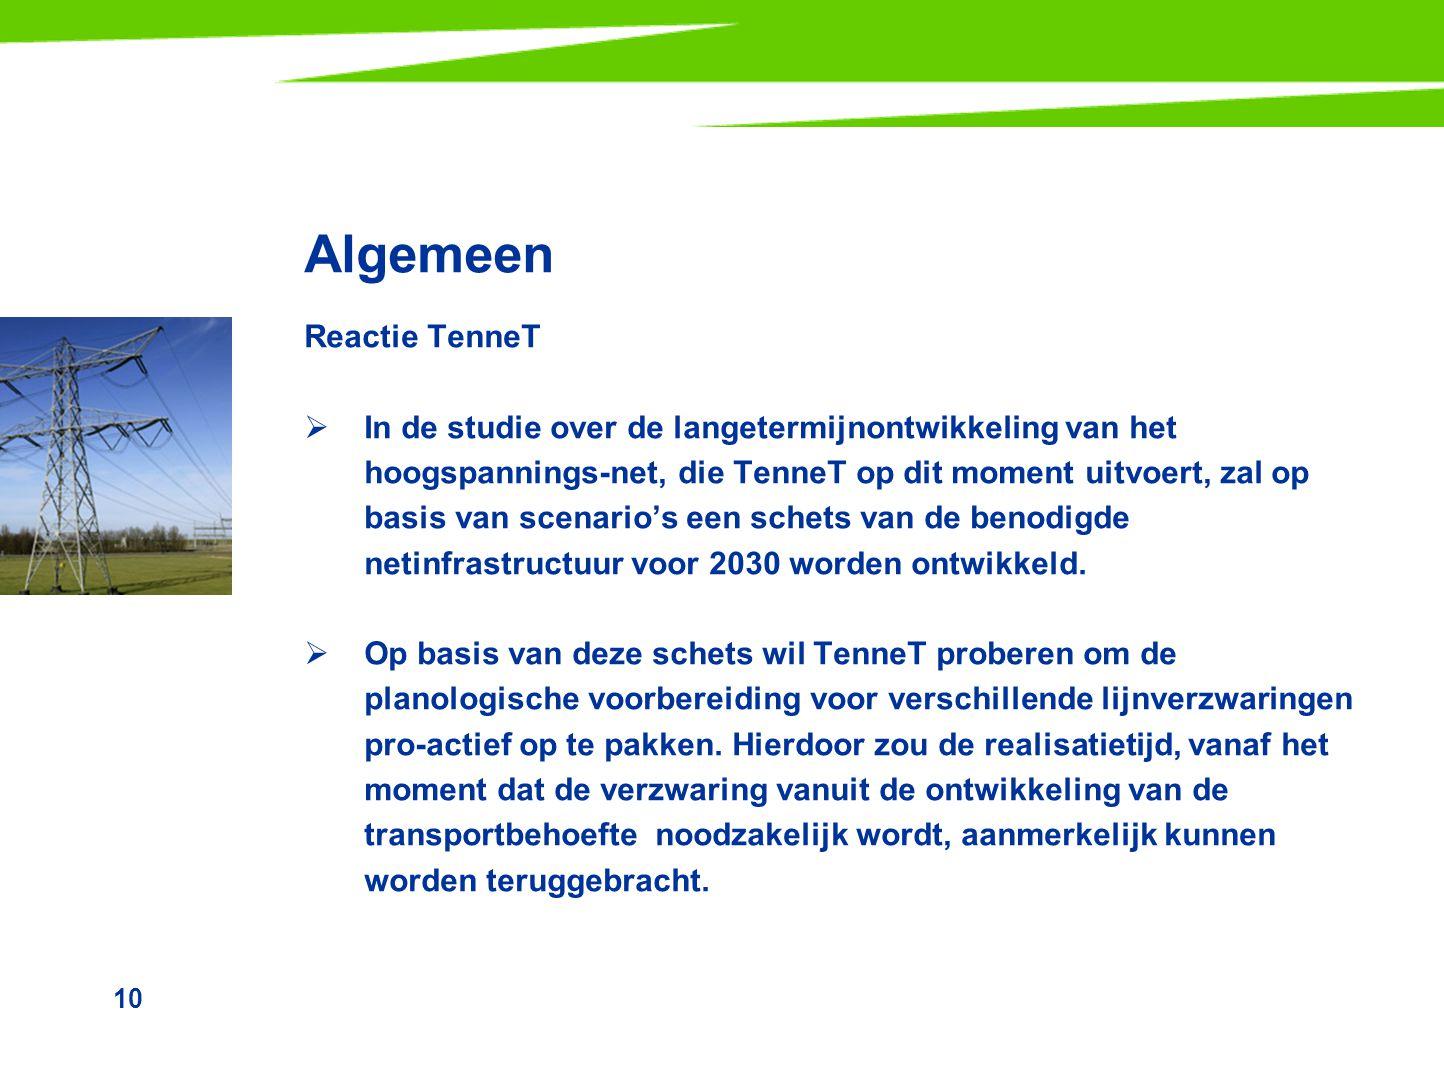 10 Algemeen Reactie TenneT  In de studie over de langetermijnontwikkeling van het hoogspannings-net, die TenneT op dit moment uitvoert, zal op basis